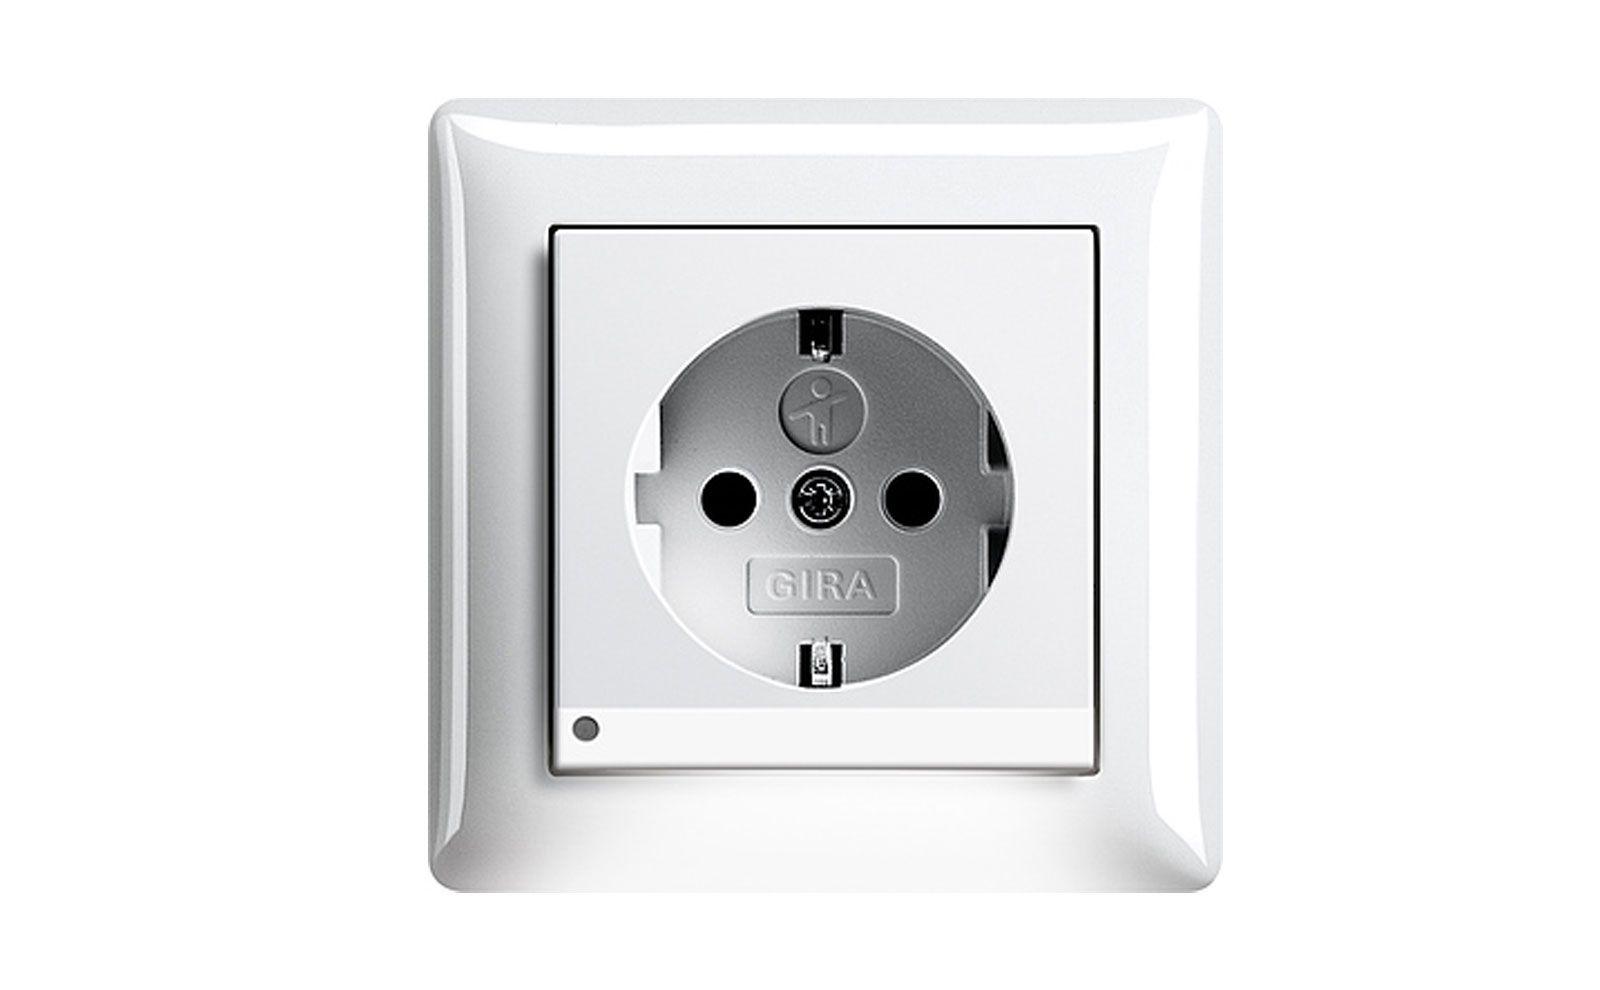 LED-Orientierungsleuchte-standard-55_19402_1558348857.jpg